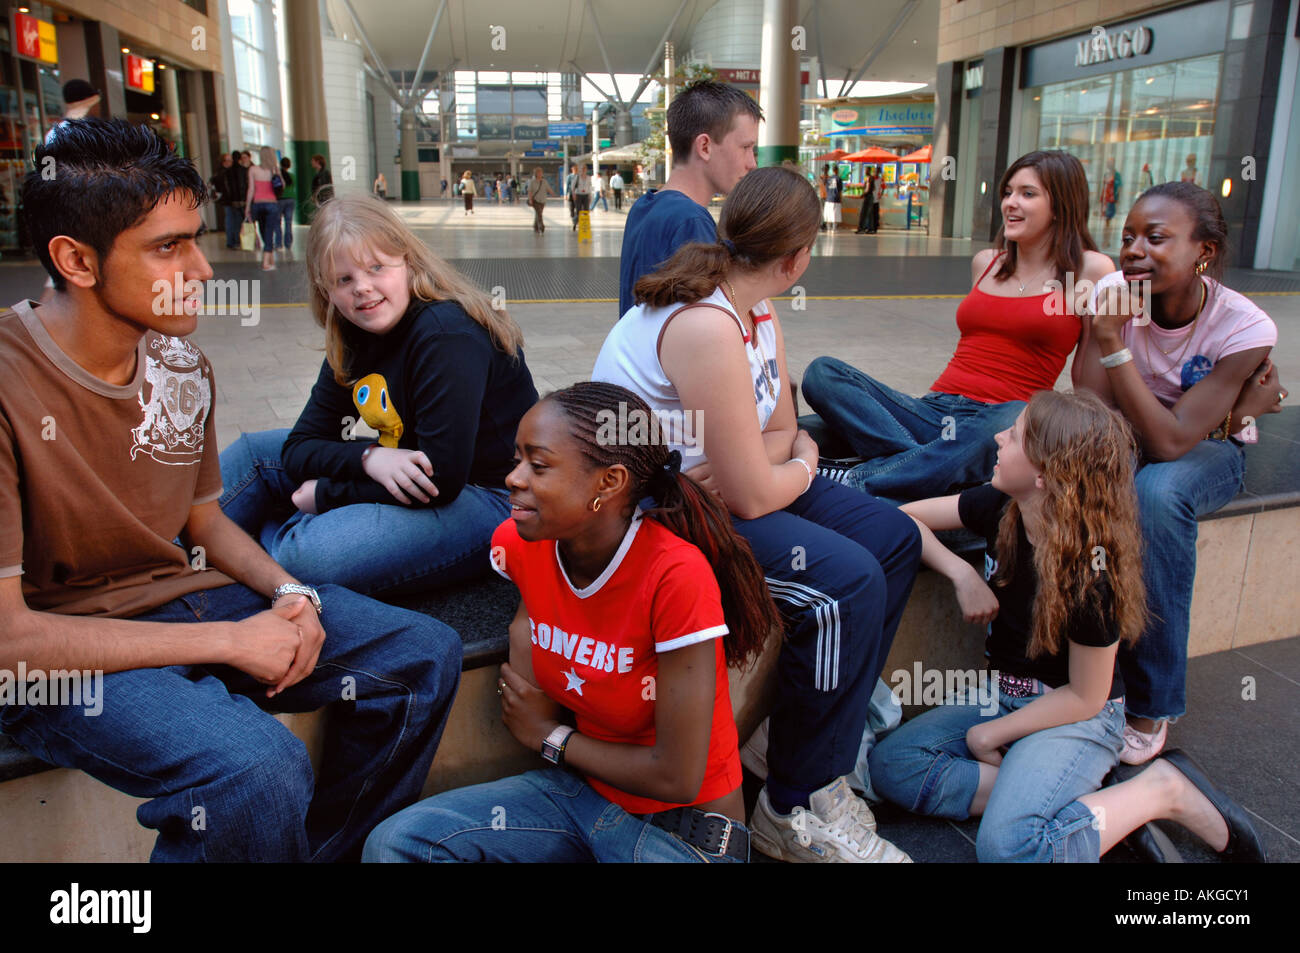 Gallerie di ragazze adolescenti